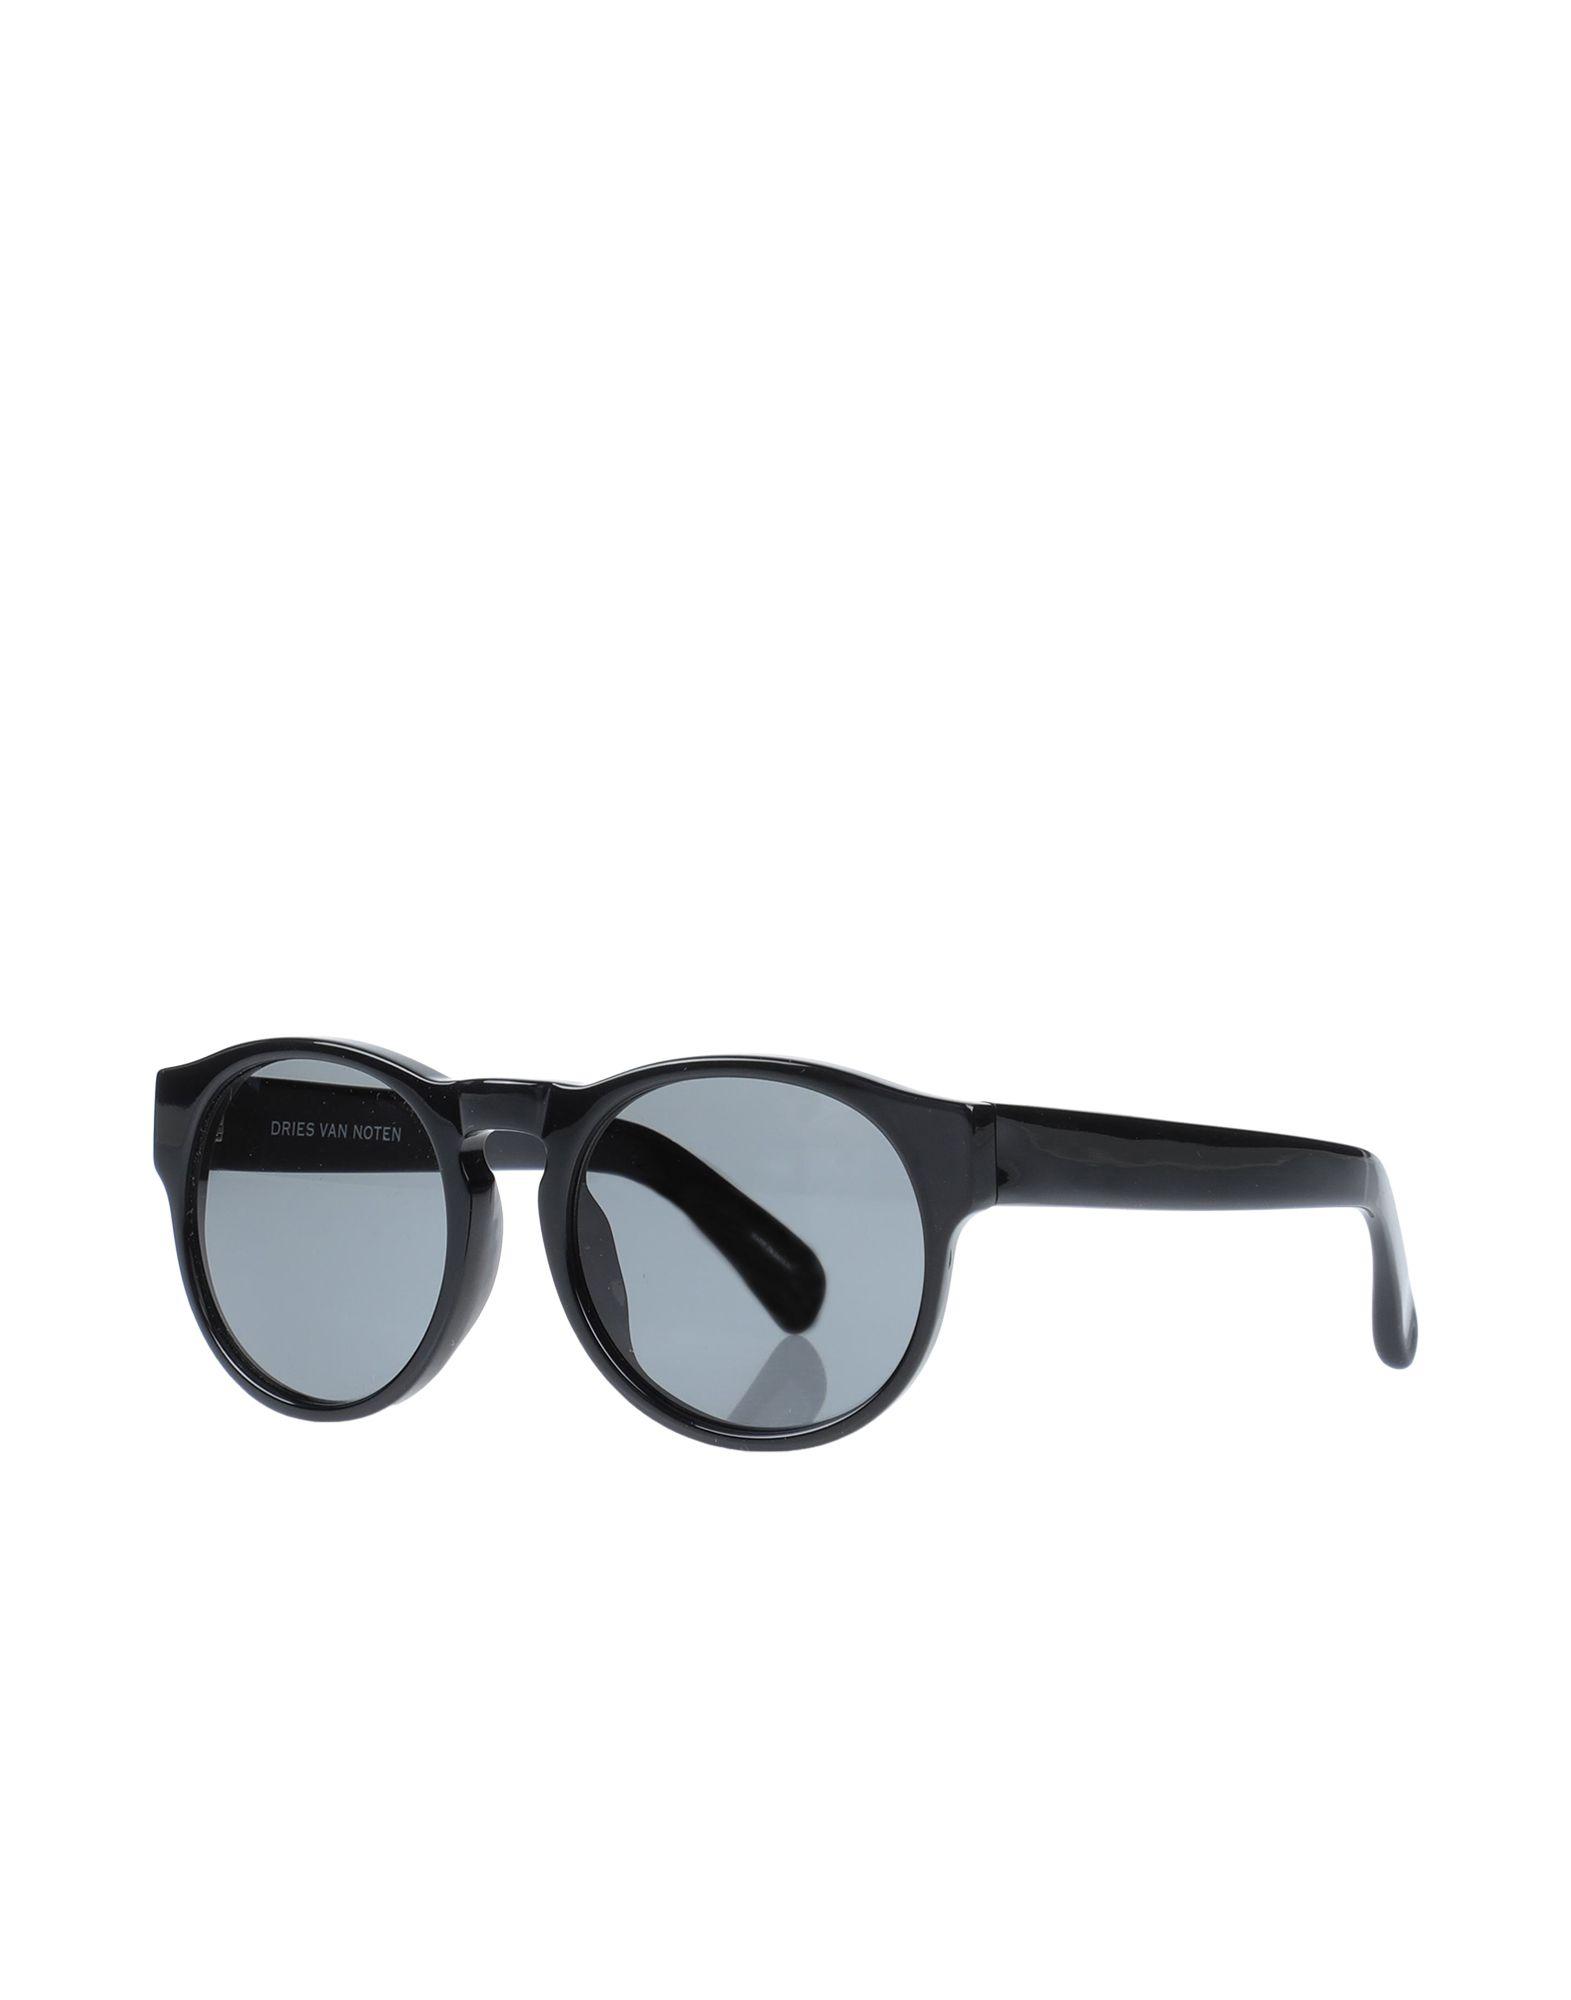 цена LINDA FARROW x DRIES VAN NOTEN Солнечные очки онлайн в 2017 году